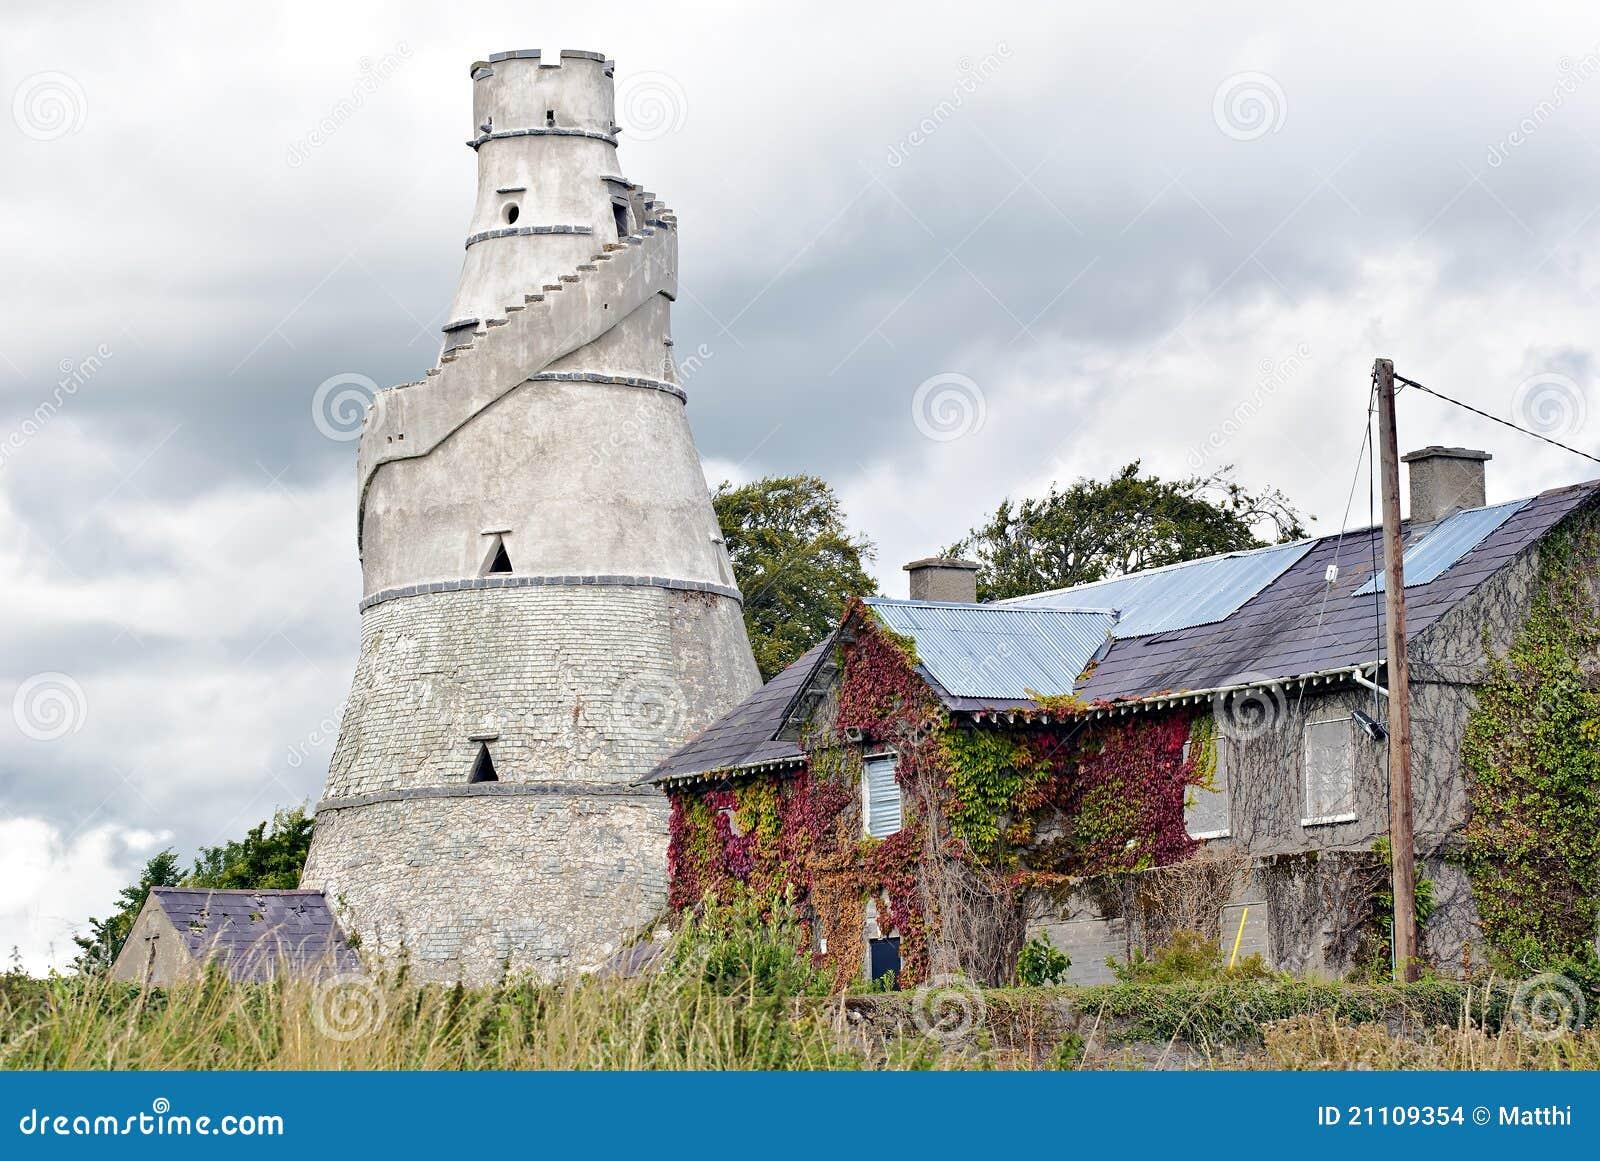 The Wonderful Barn Ireland Stock Images Image 21109354